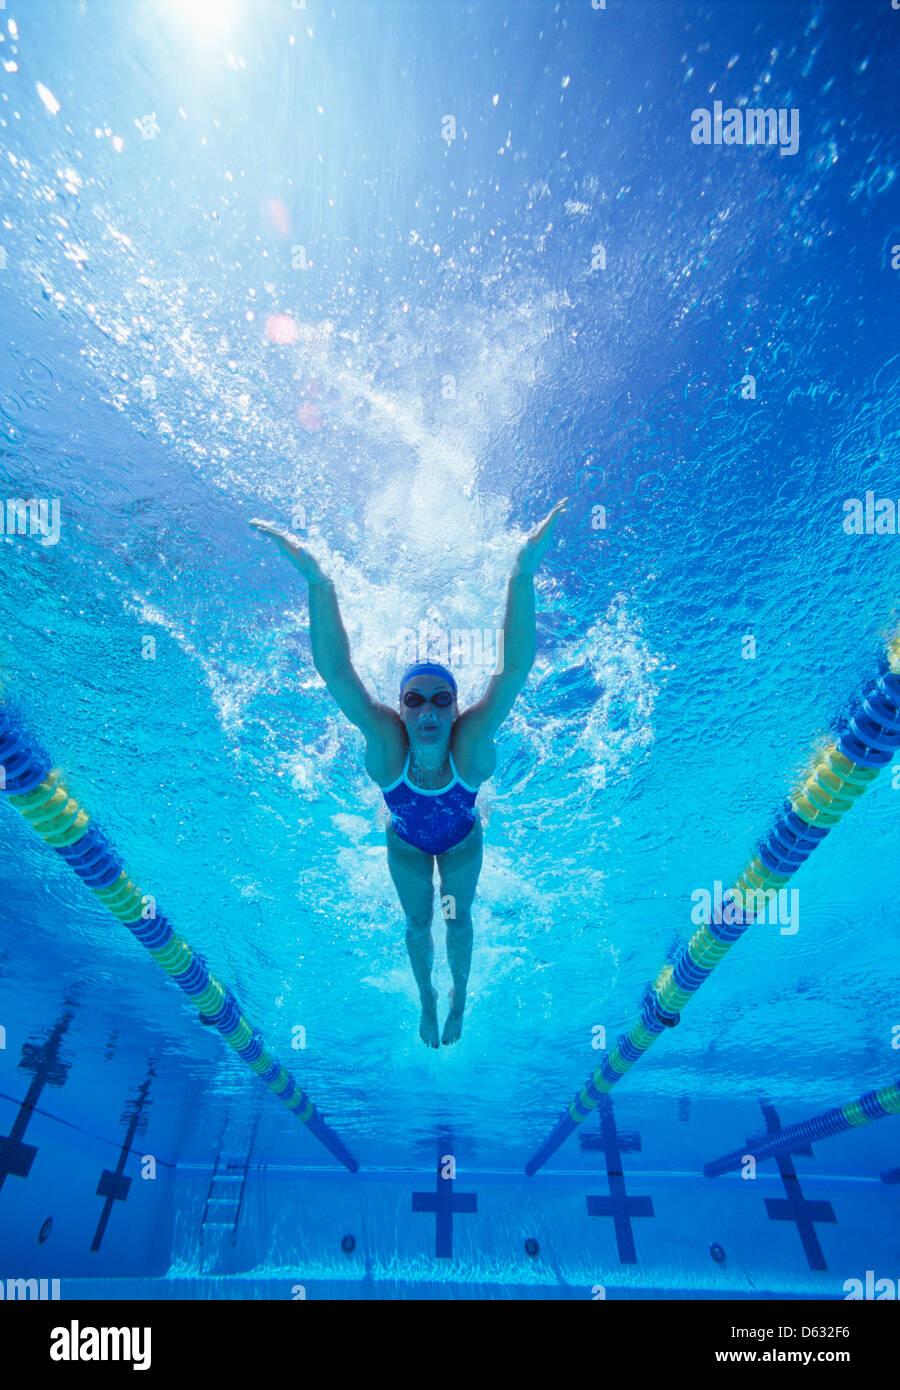 La longitud total del nadador femenina en Estados Unidos nadar en piscina en traje de baño Imagen De Stock